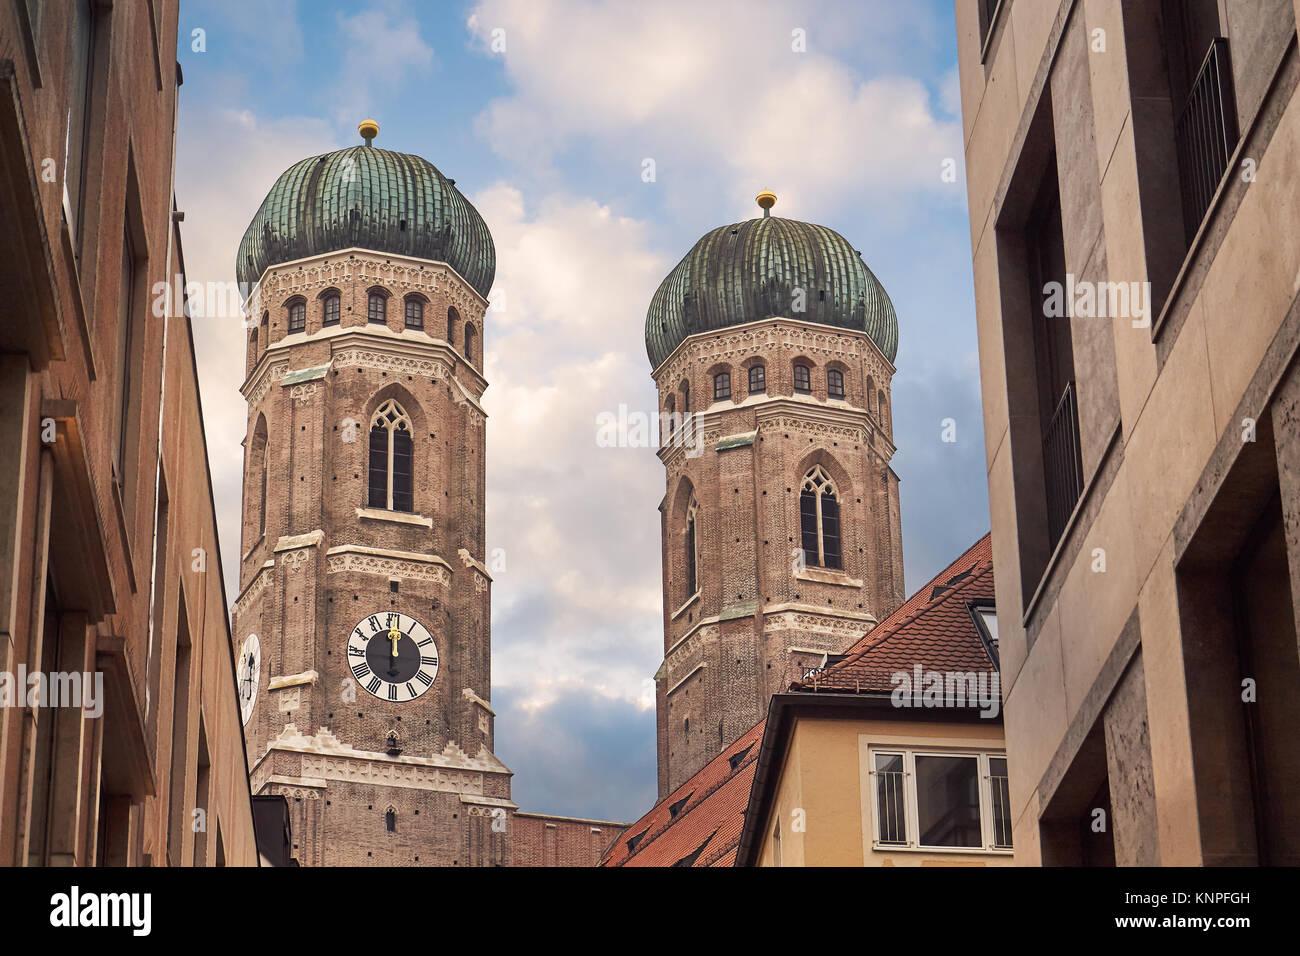 Türme der Kathedrale Unserer Lieben Frau (Frauenkirche) in München, Deutschland Stockbild